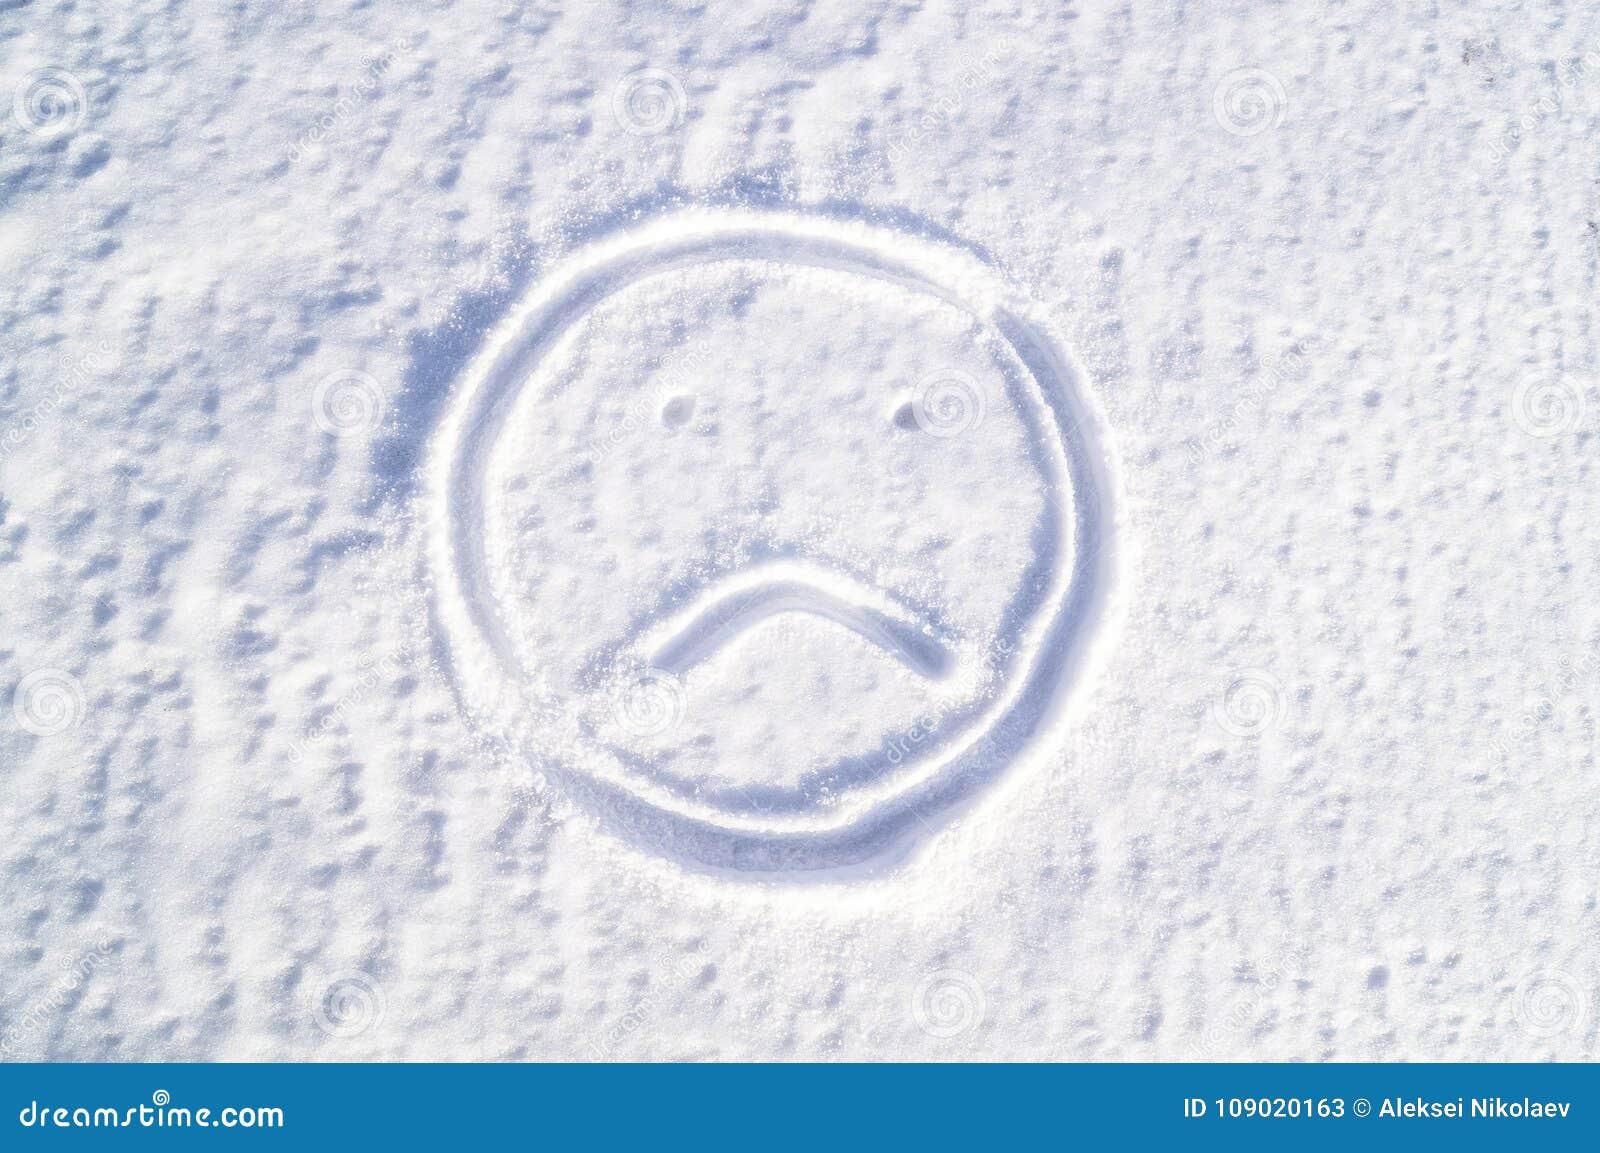 Smutny emodji w śniegu smucenie